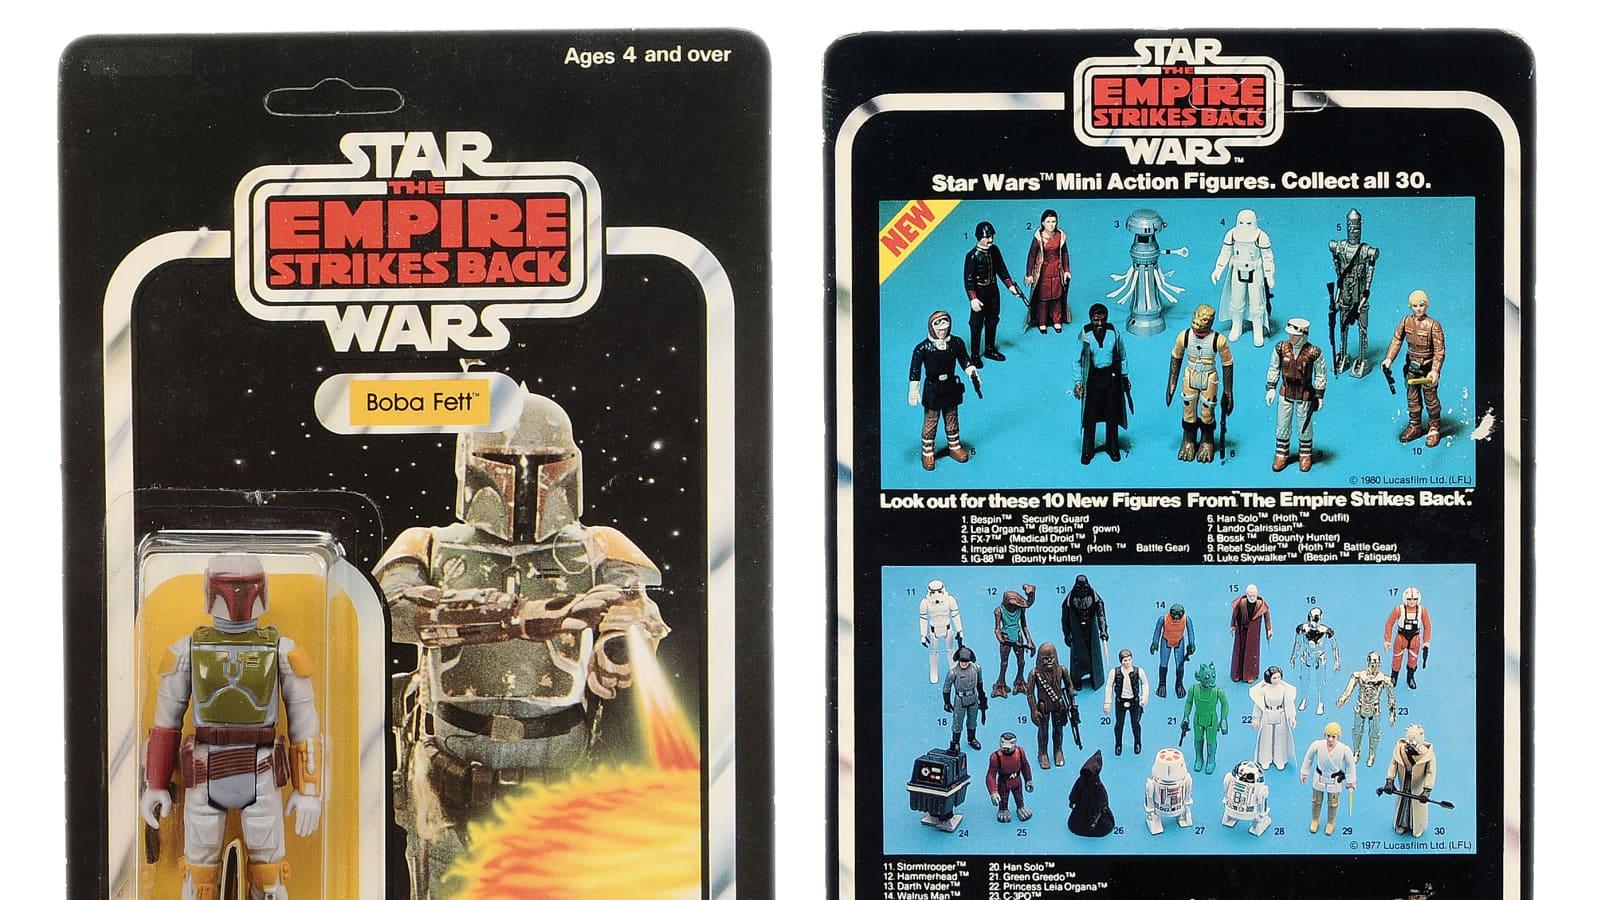 Star Wars Boba Fett Figure Sold For 27k